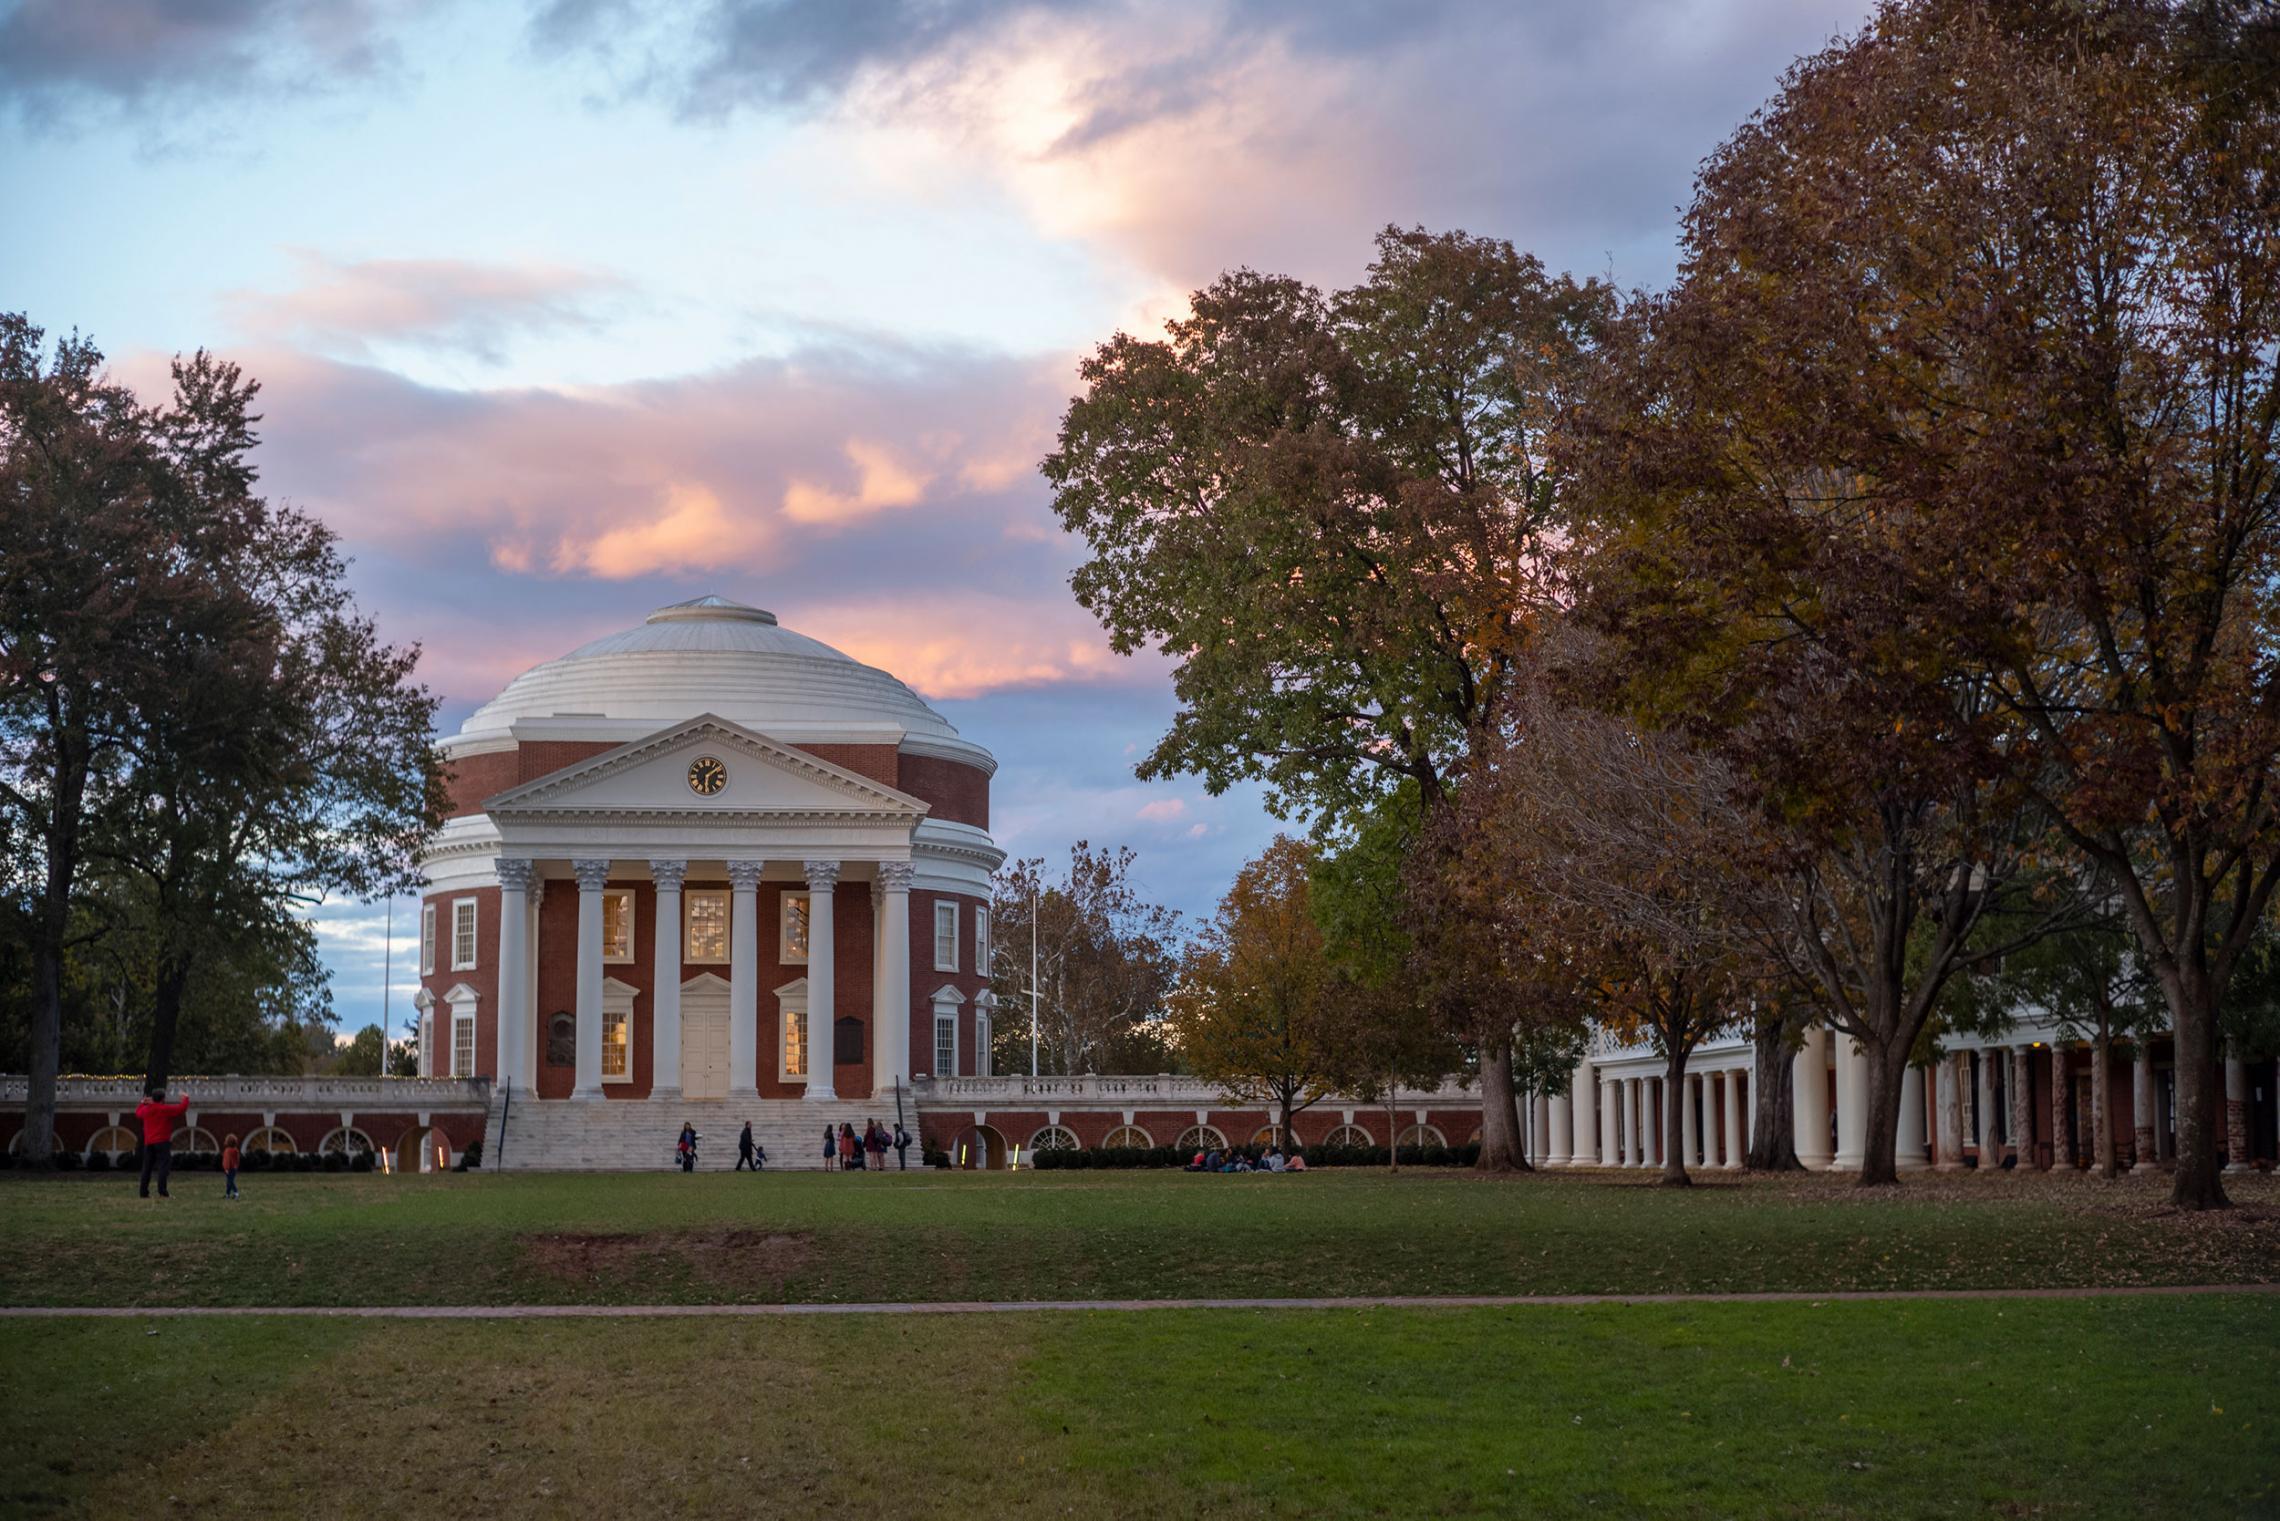 U.S News Ranks UVA No. 2 Best Value Among Publics Schools, No. 4 Public Overall